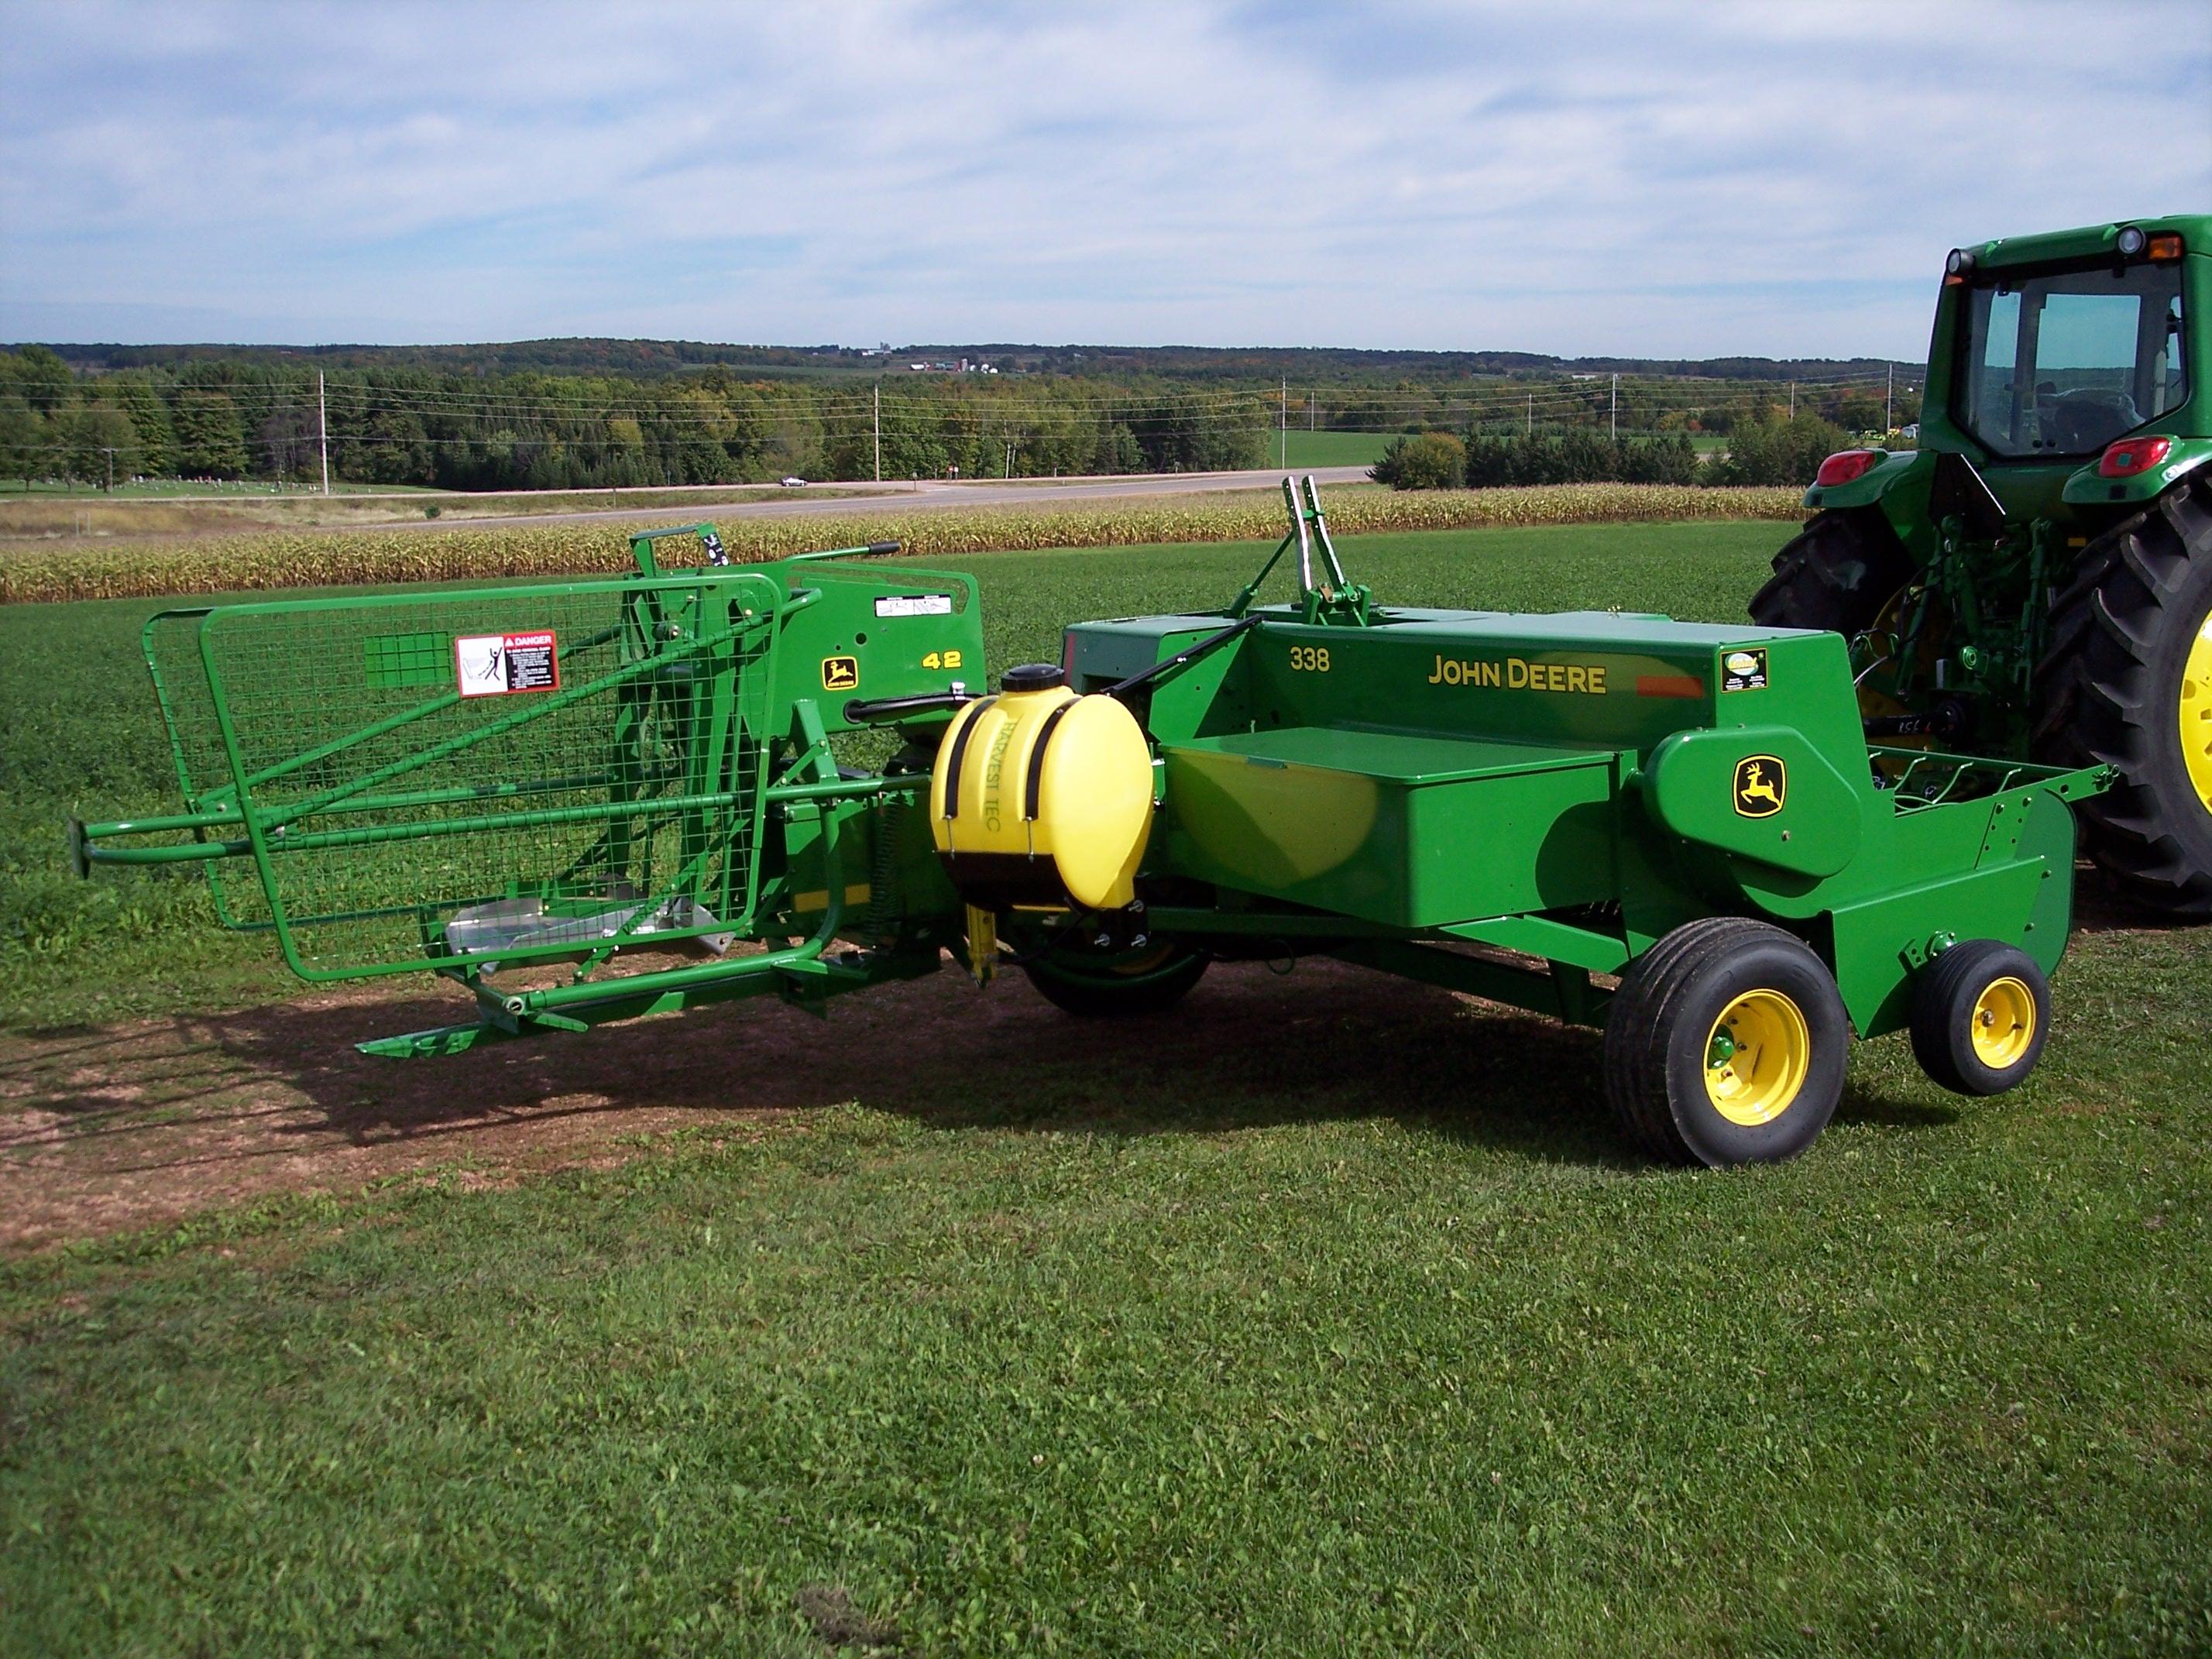 john deere 317 tractor wiring diagram 2001 nissan pathfinder speaker 330 lawn